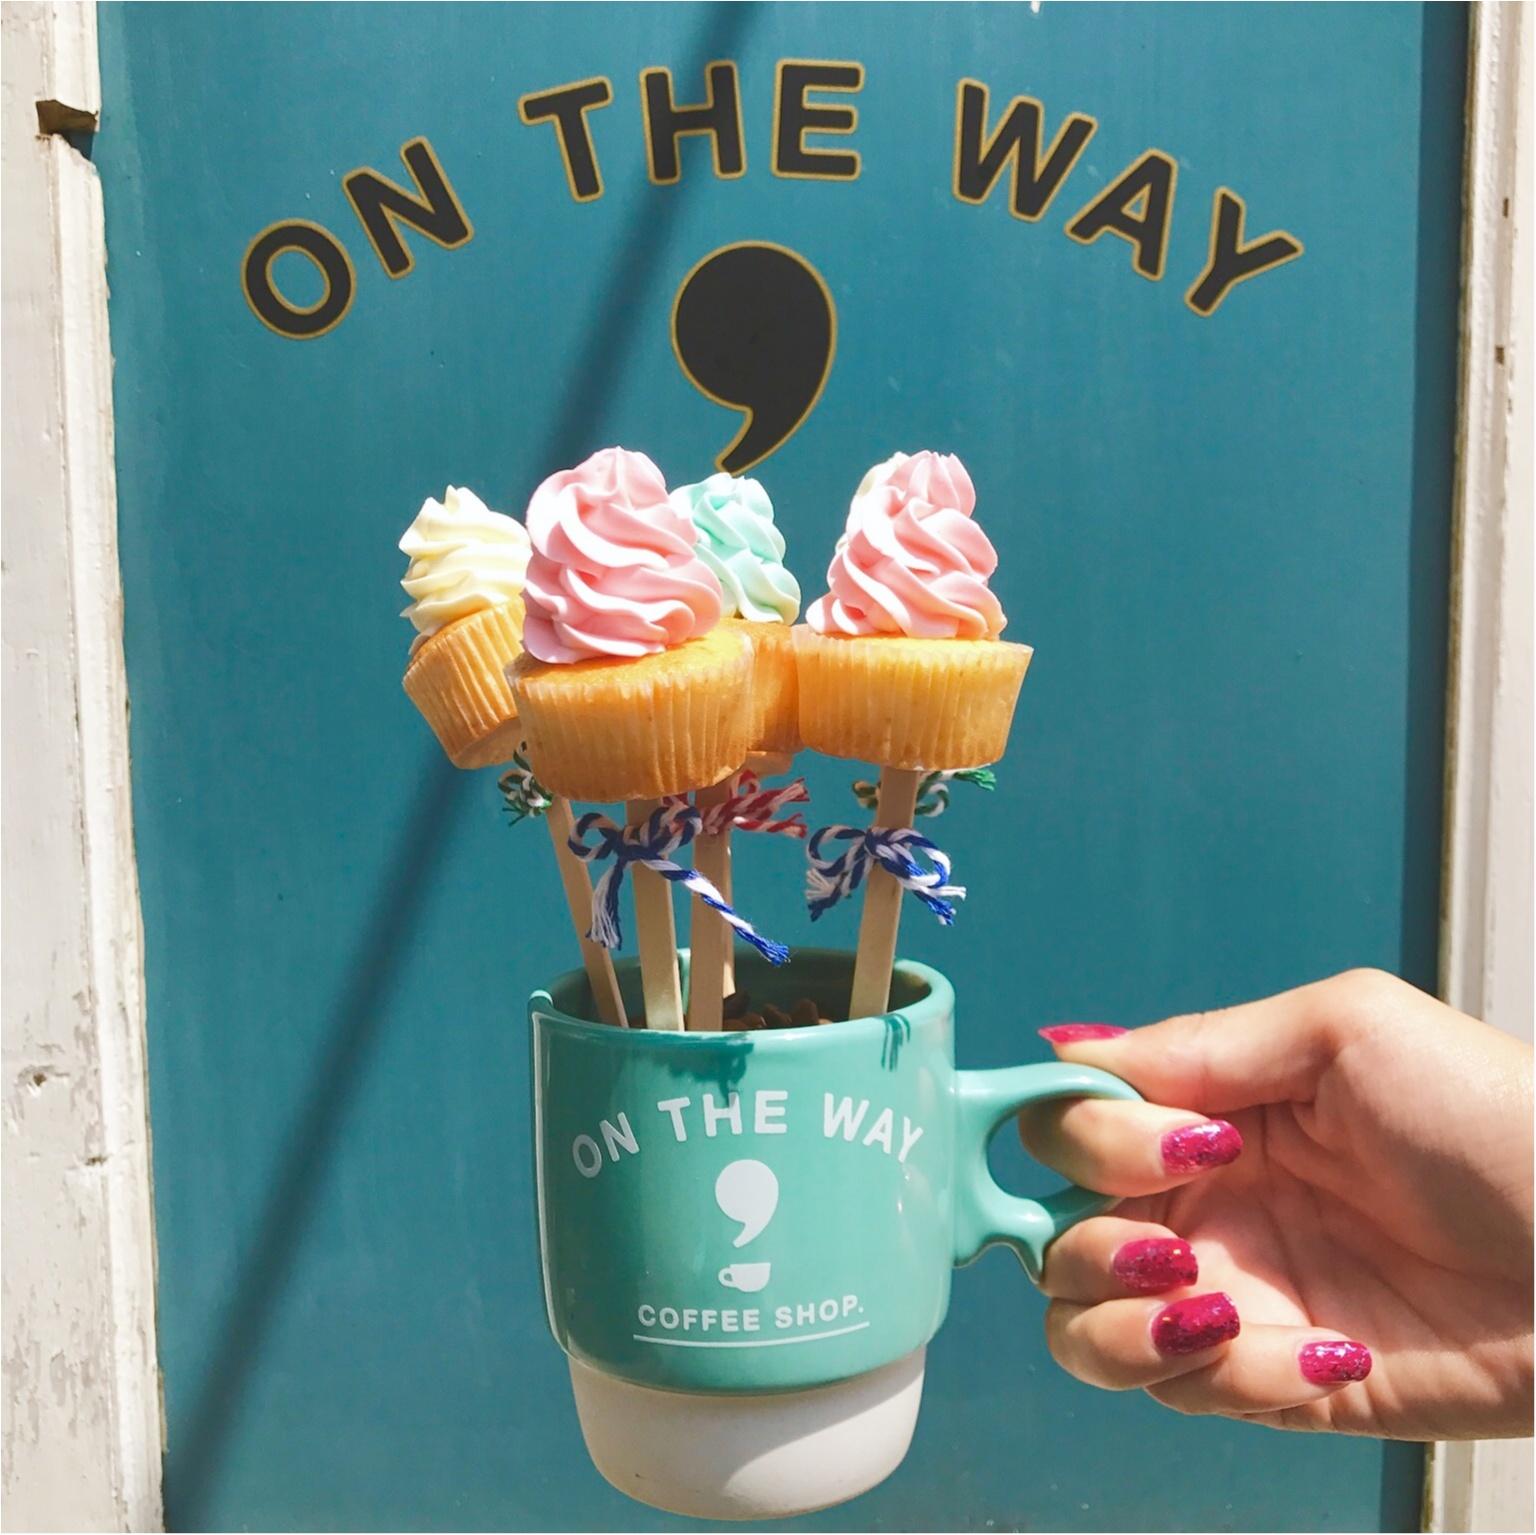 【FOOD】写真映え◎かわいい♡! On The Way のミニケーキ⋈_2